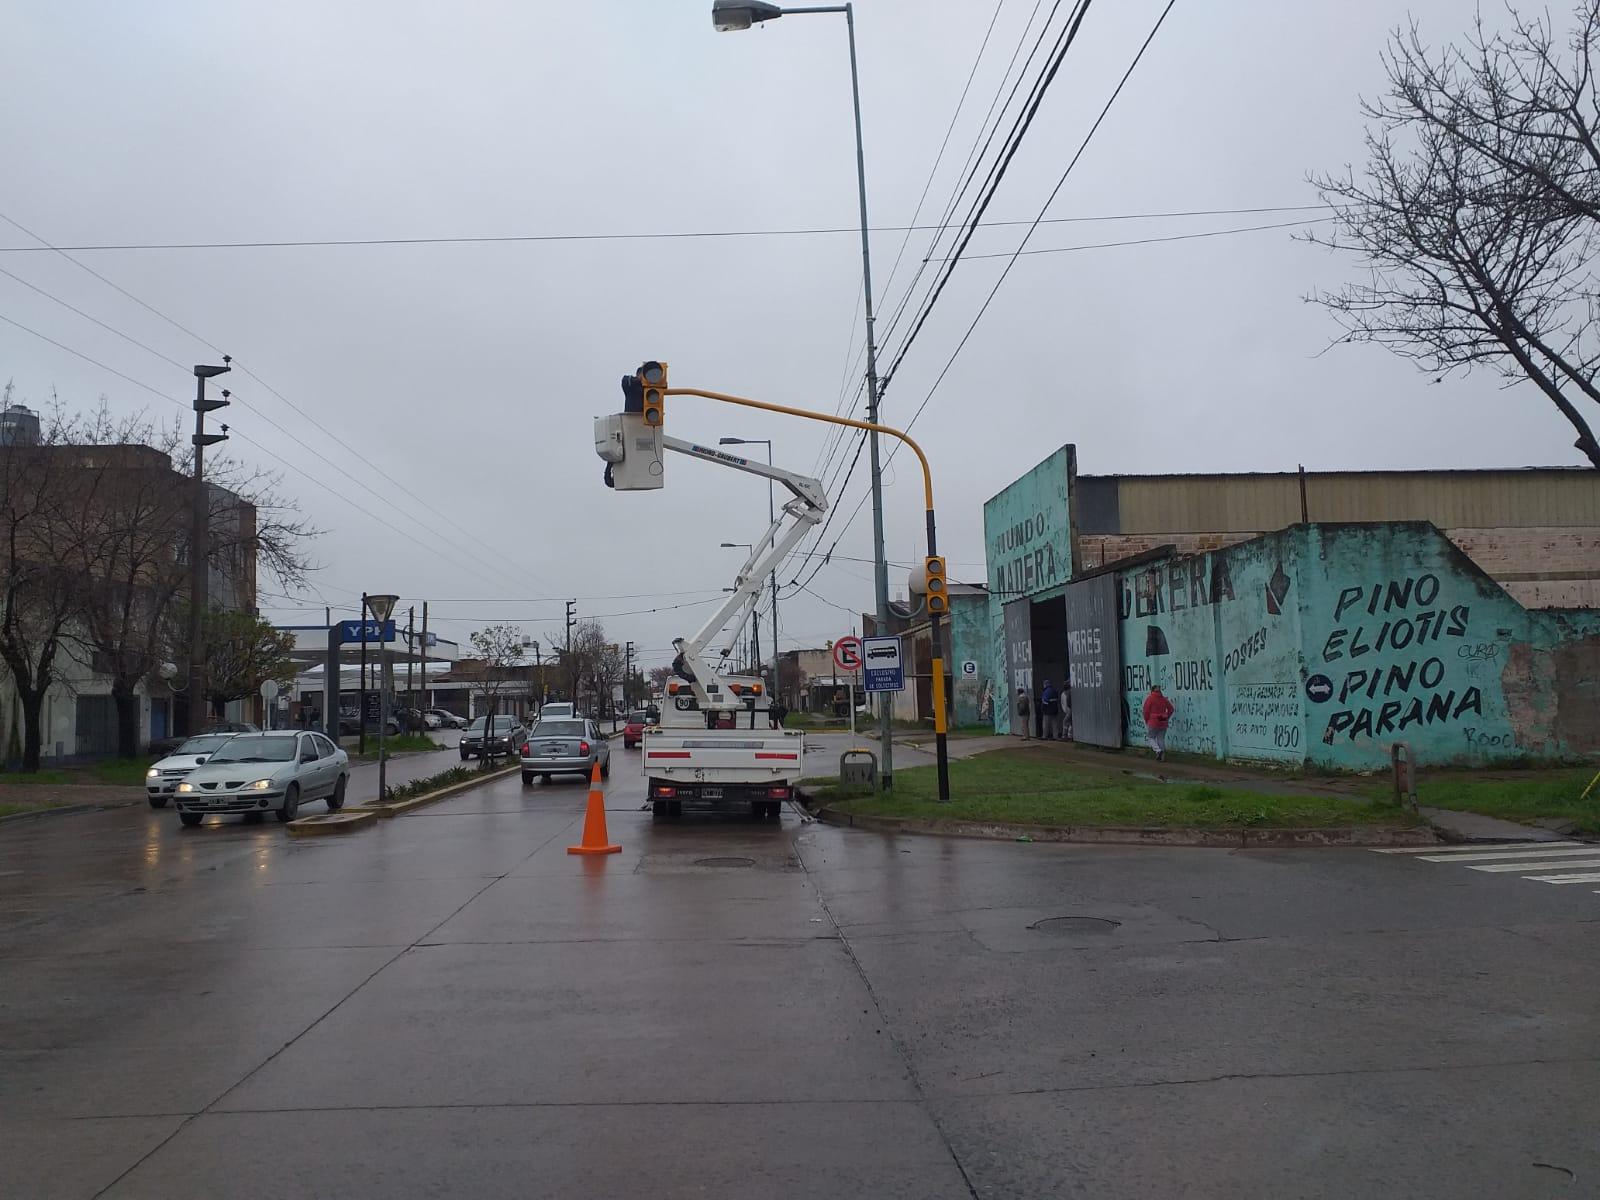 Se colocó semáforo en la esquina de Pinto y Gallesio